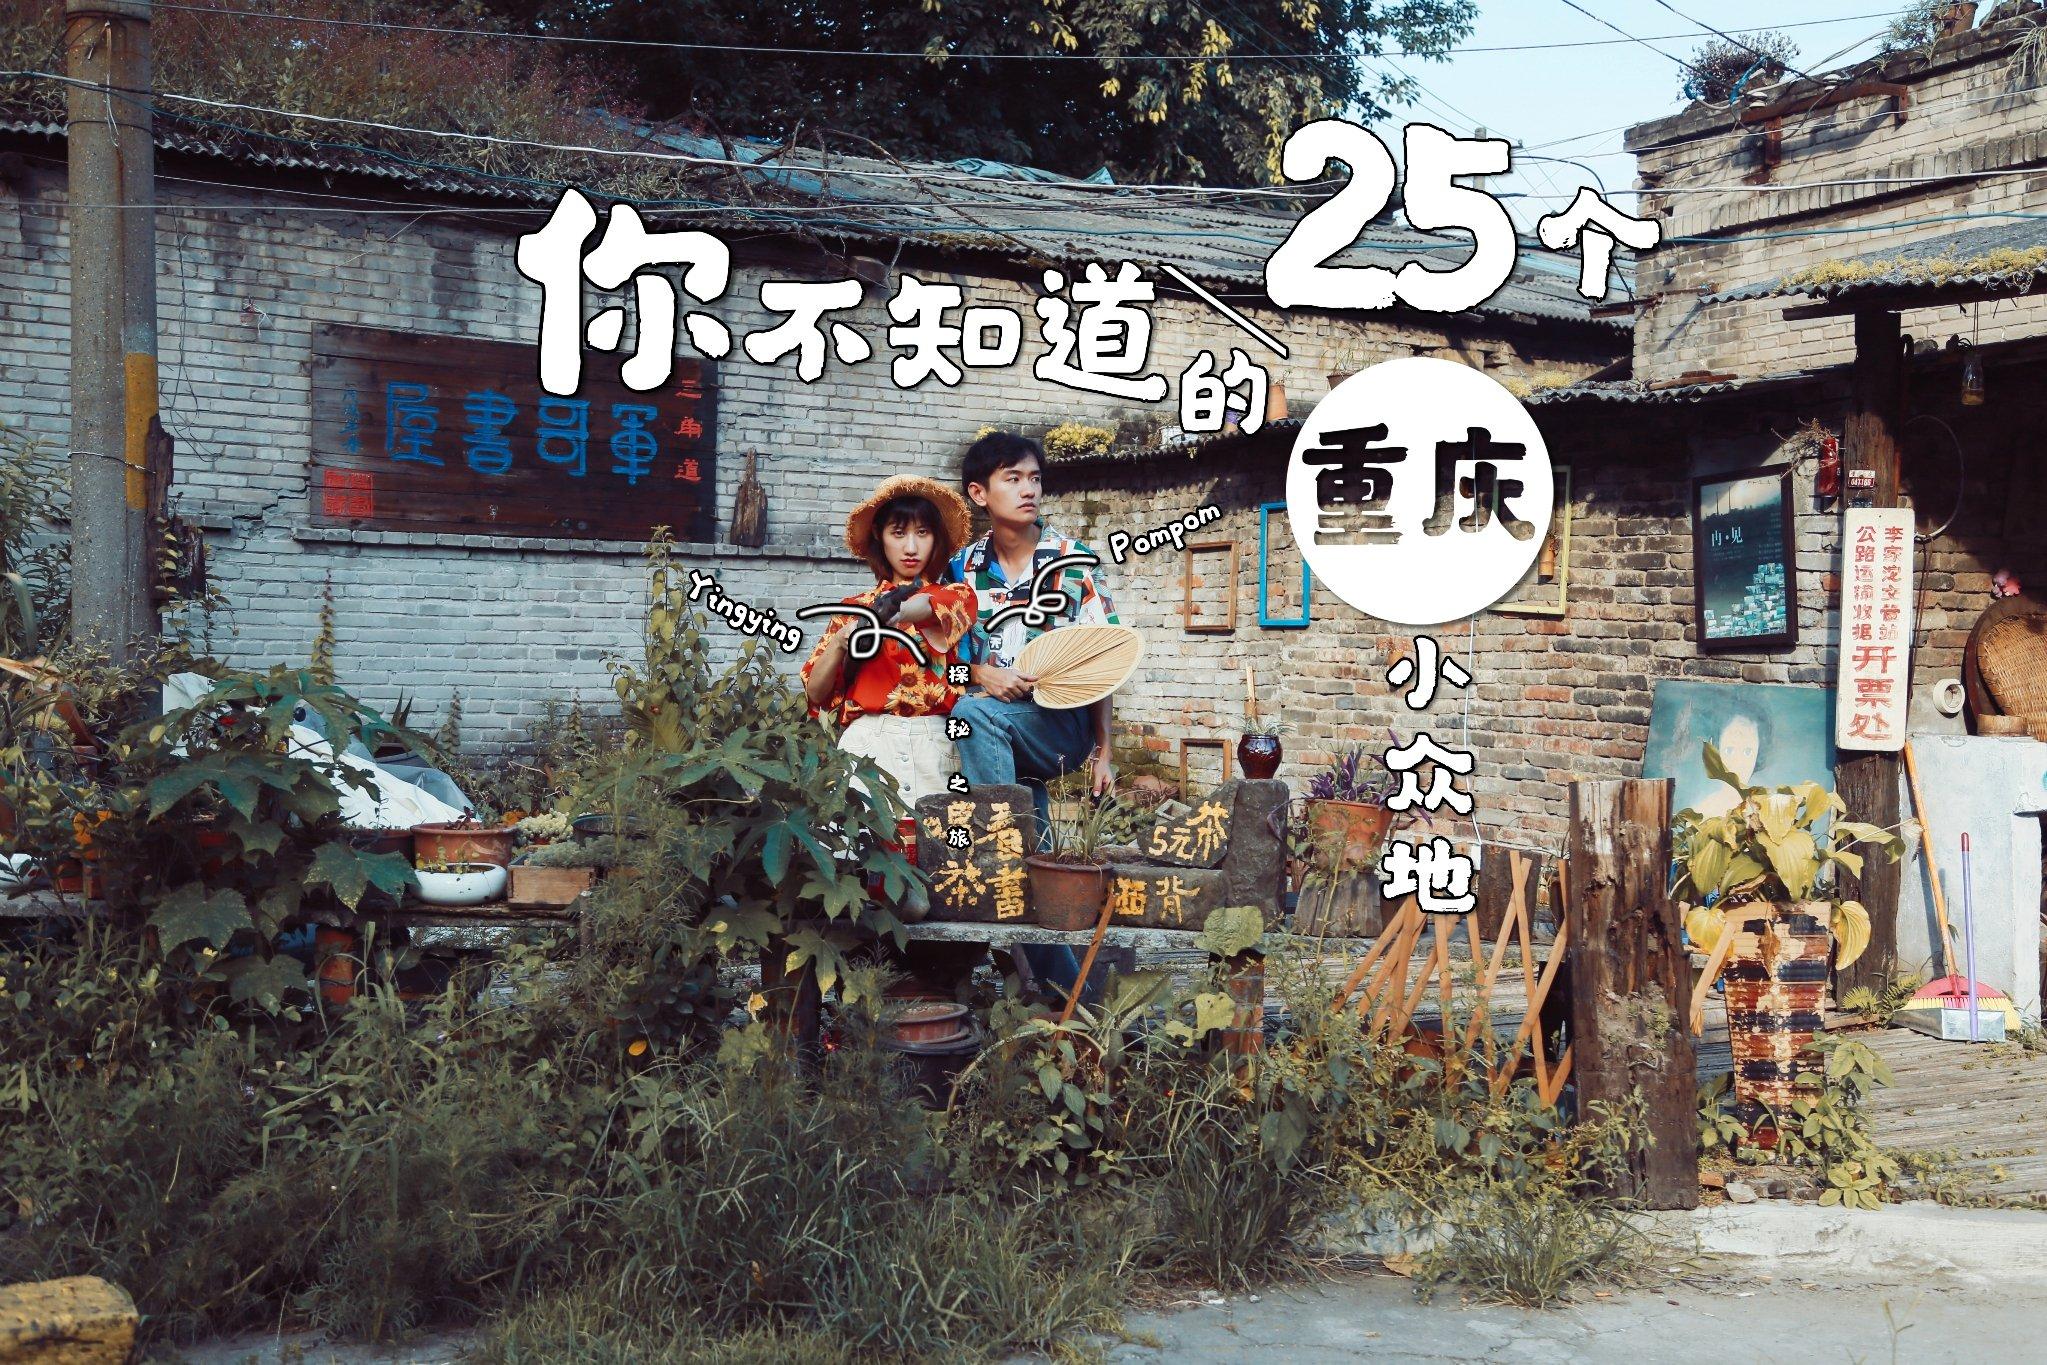 10抖音8重庆,去了这些地方才算真正来过(重庆土著给你的25个建议)